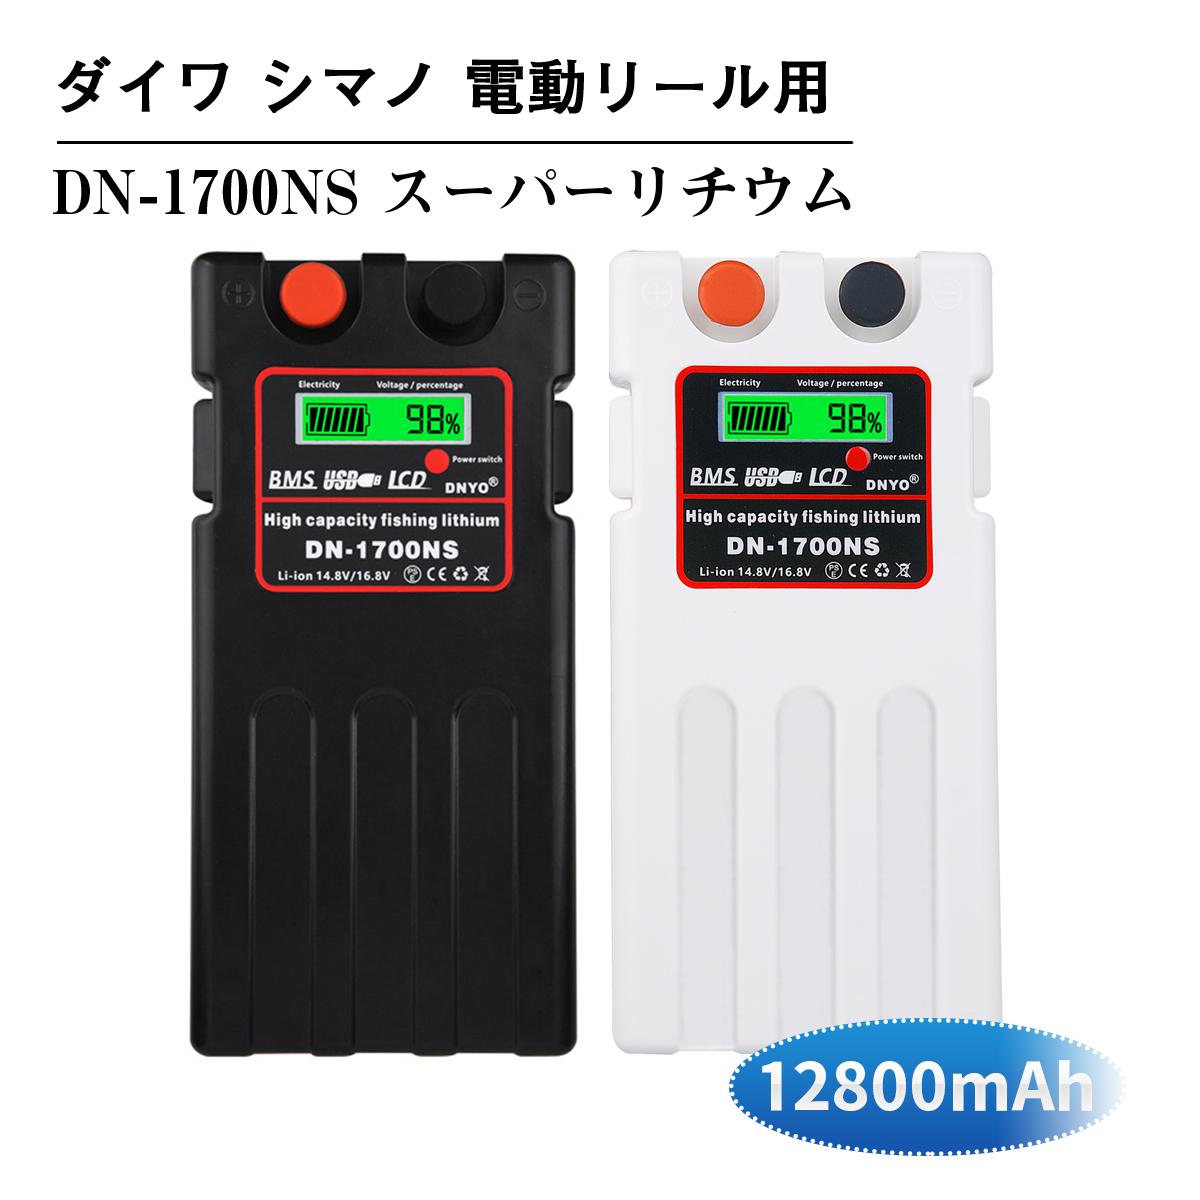 軽くて持ち運びに便利、充電残量が表示される、USBにてスマホを充電できる ダイワ シマノ 電動リール用 DN-1700NS 日本語説明書付きスーパーリチウム 互換バッテリー 充電器 セット 14.8V 12800mAh パナソニックセル内蔵 電動リール バッテリー